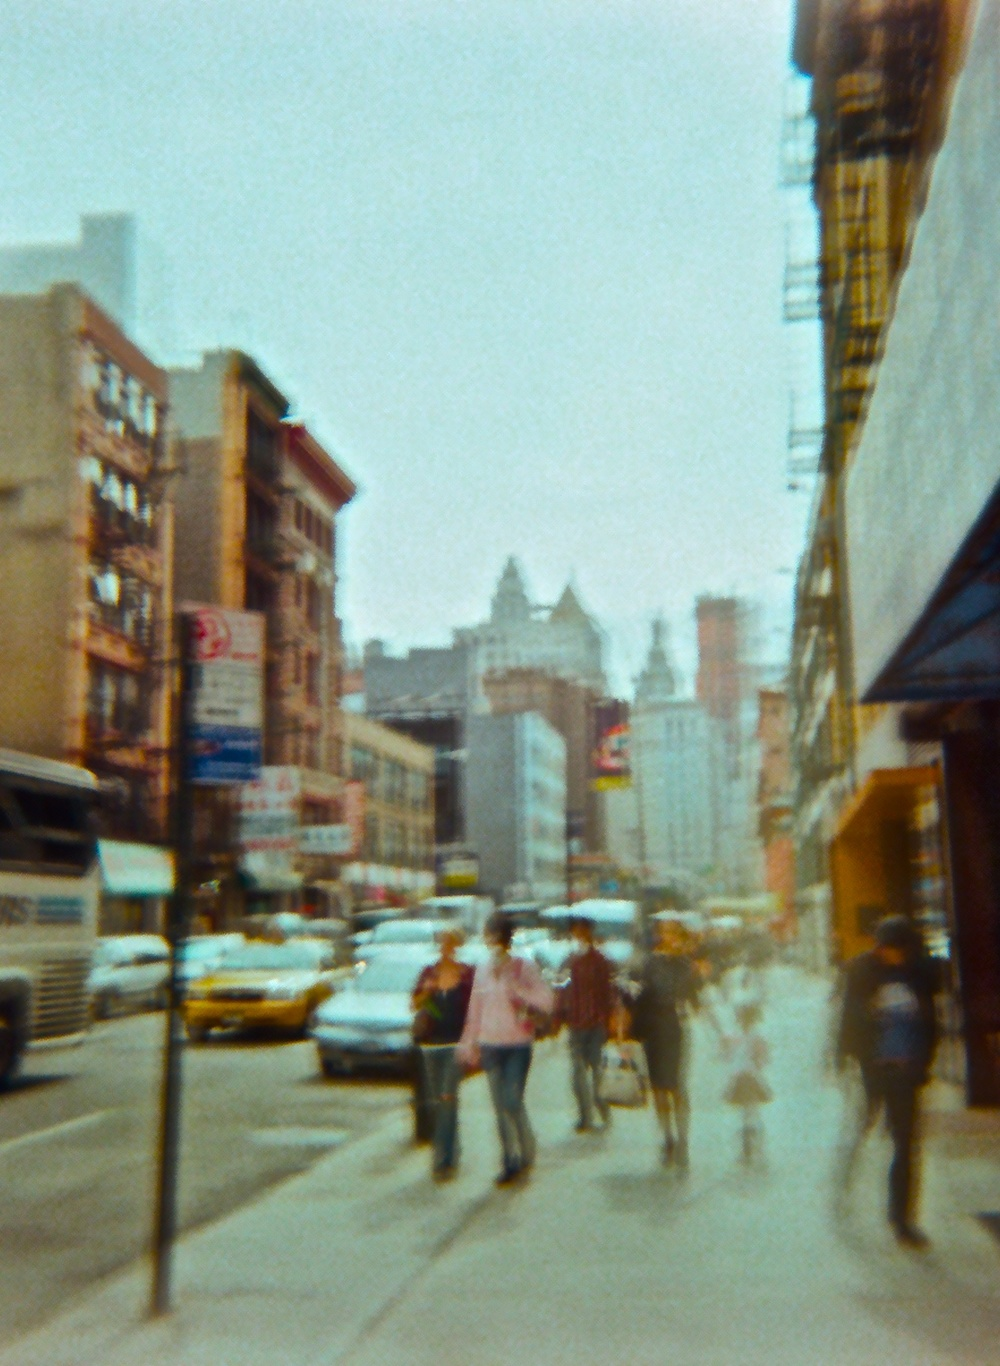 NYC a Blur